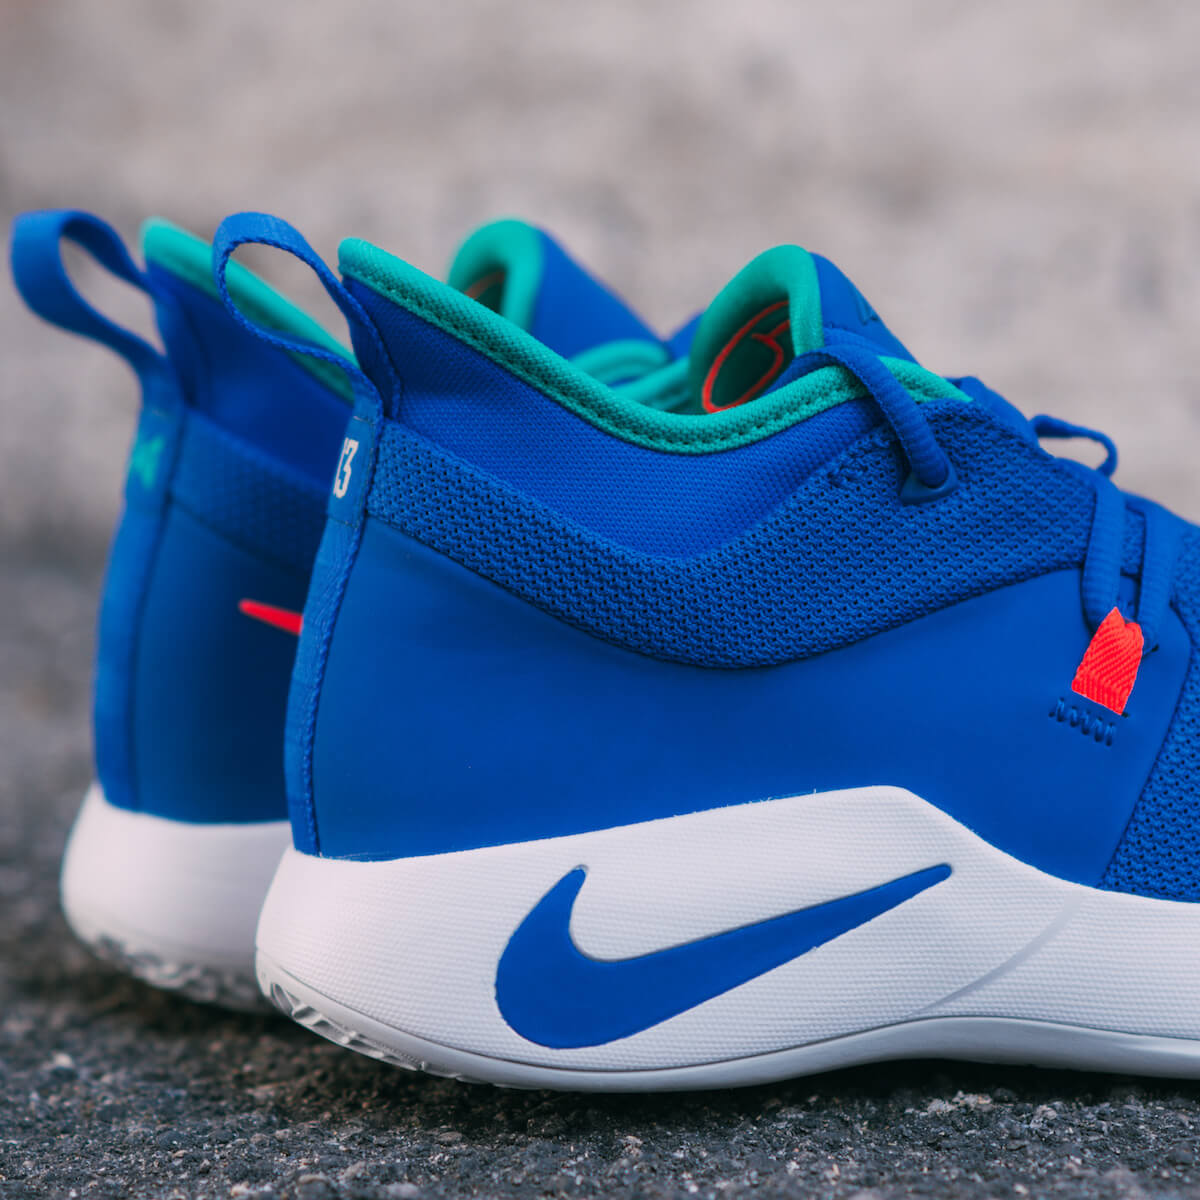 a200353803c71f Apparel. Nike  Adidas